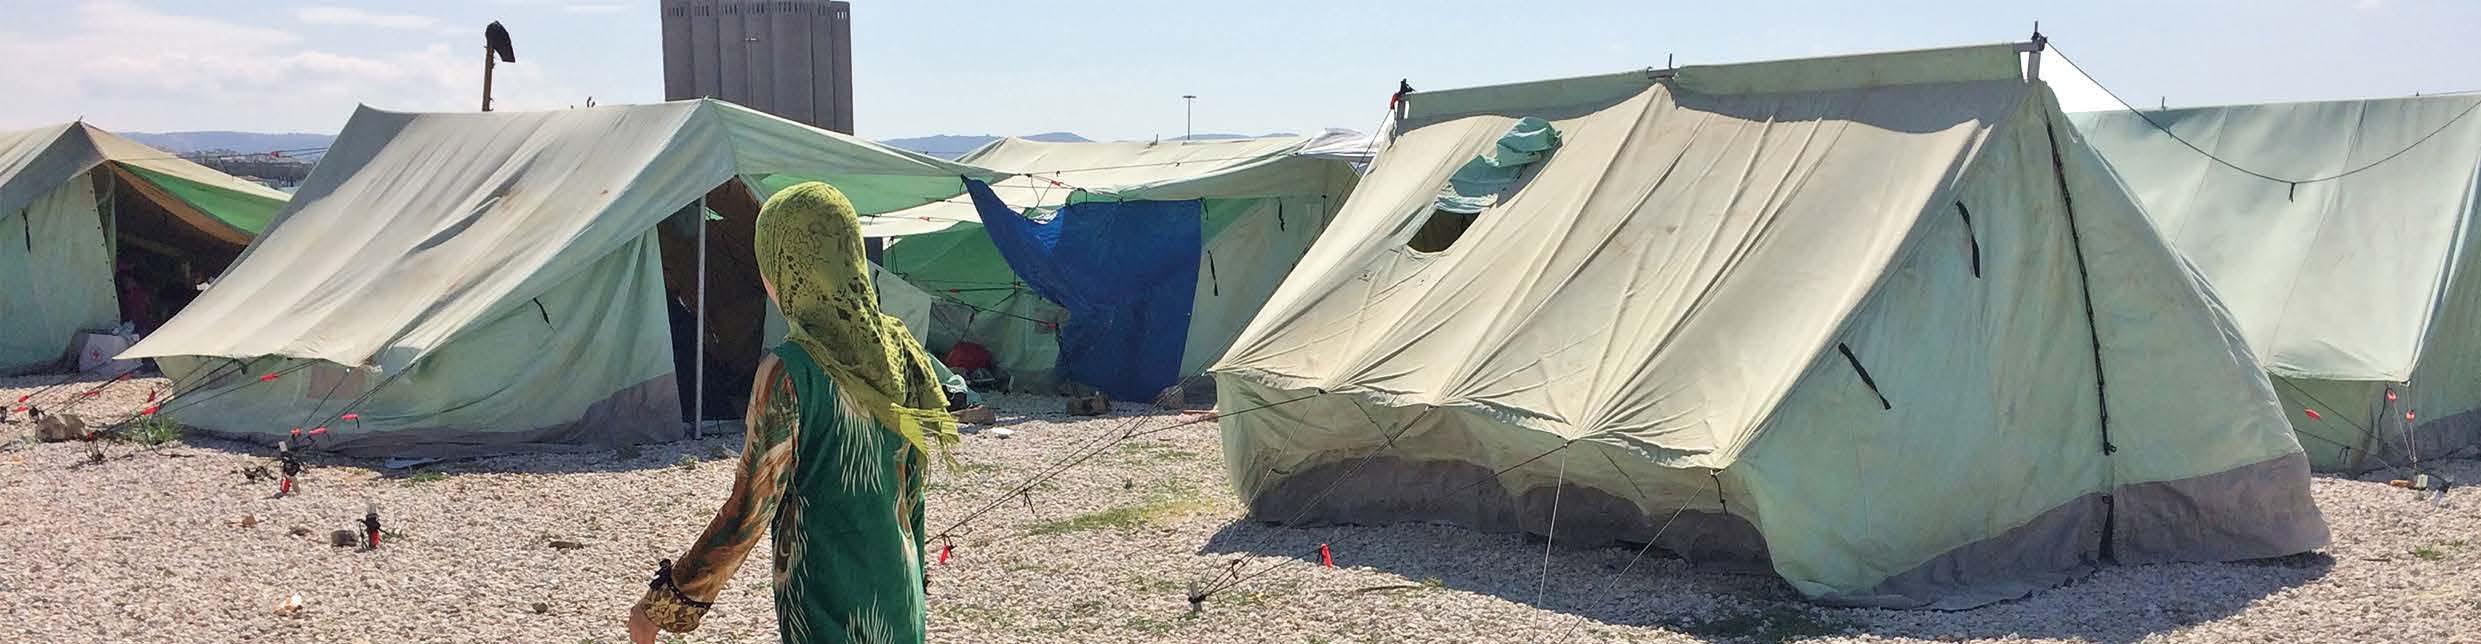 2017 – Dag 14 (9. juni) – En syrisk flyktningfamilie venter